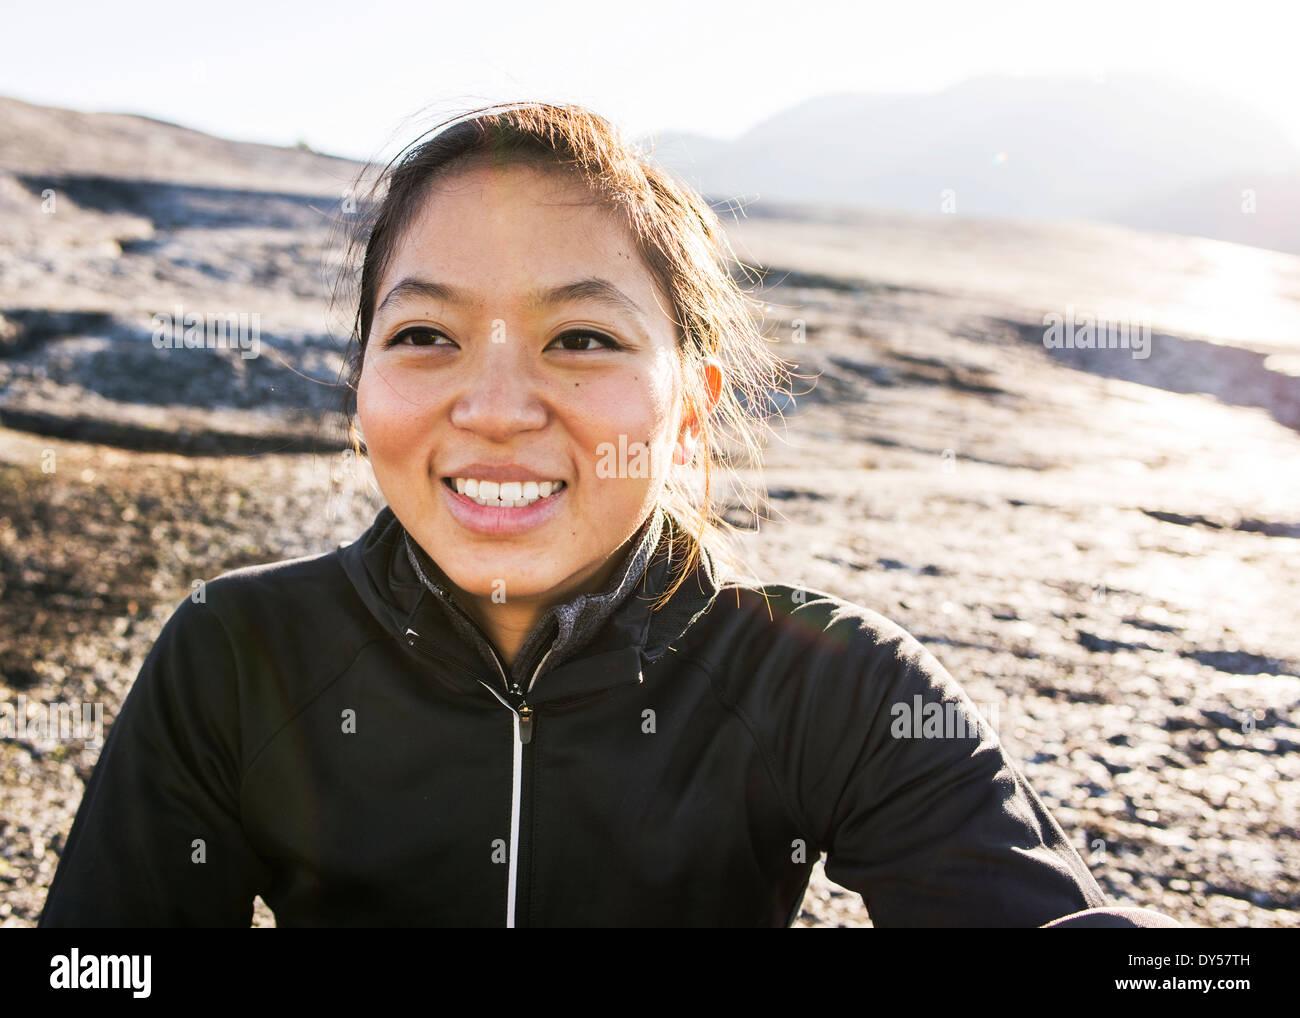 Ritratto di giovane donna escursionista, Squamish, British Columbia, Canada Immagini Stock